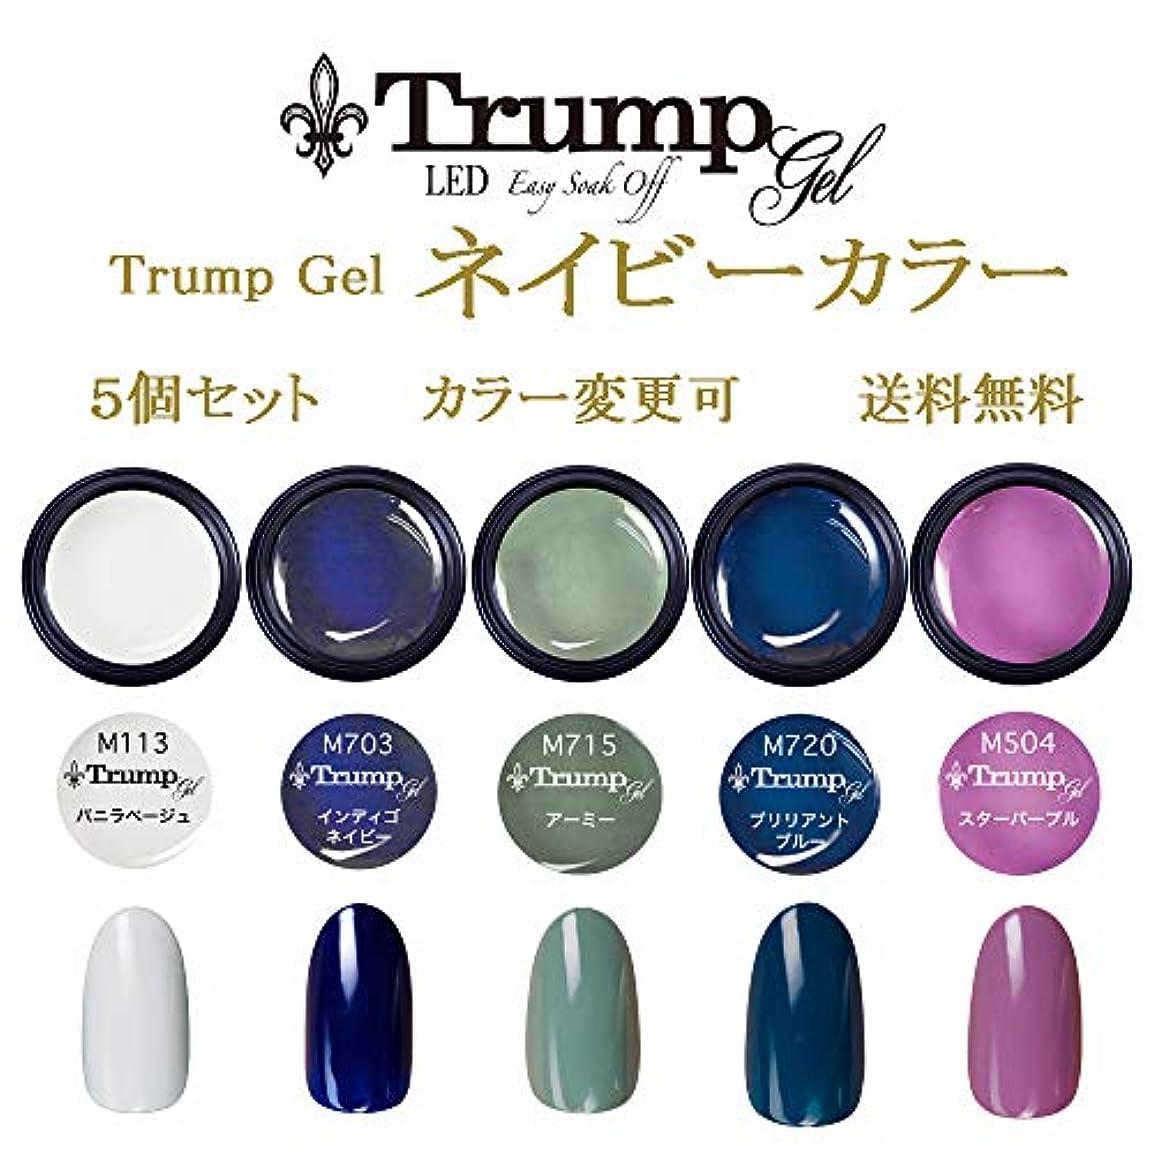 作曲家ハントチャーター日本製 Trump gel トランプジェル ネイビーカラー 選べる カラージェル 5個セット ホワイト ブルー ネイビー パープル カーキ グリーン